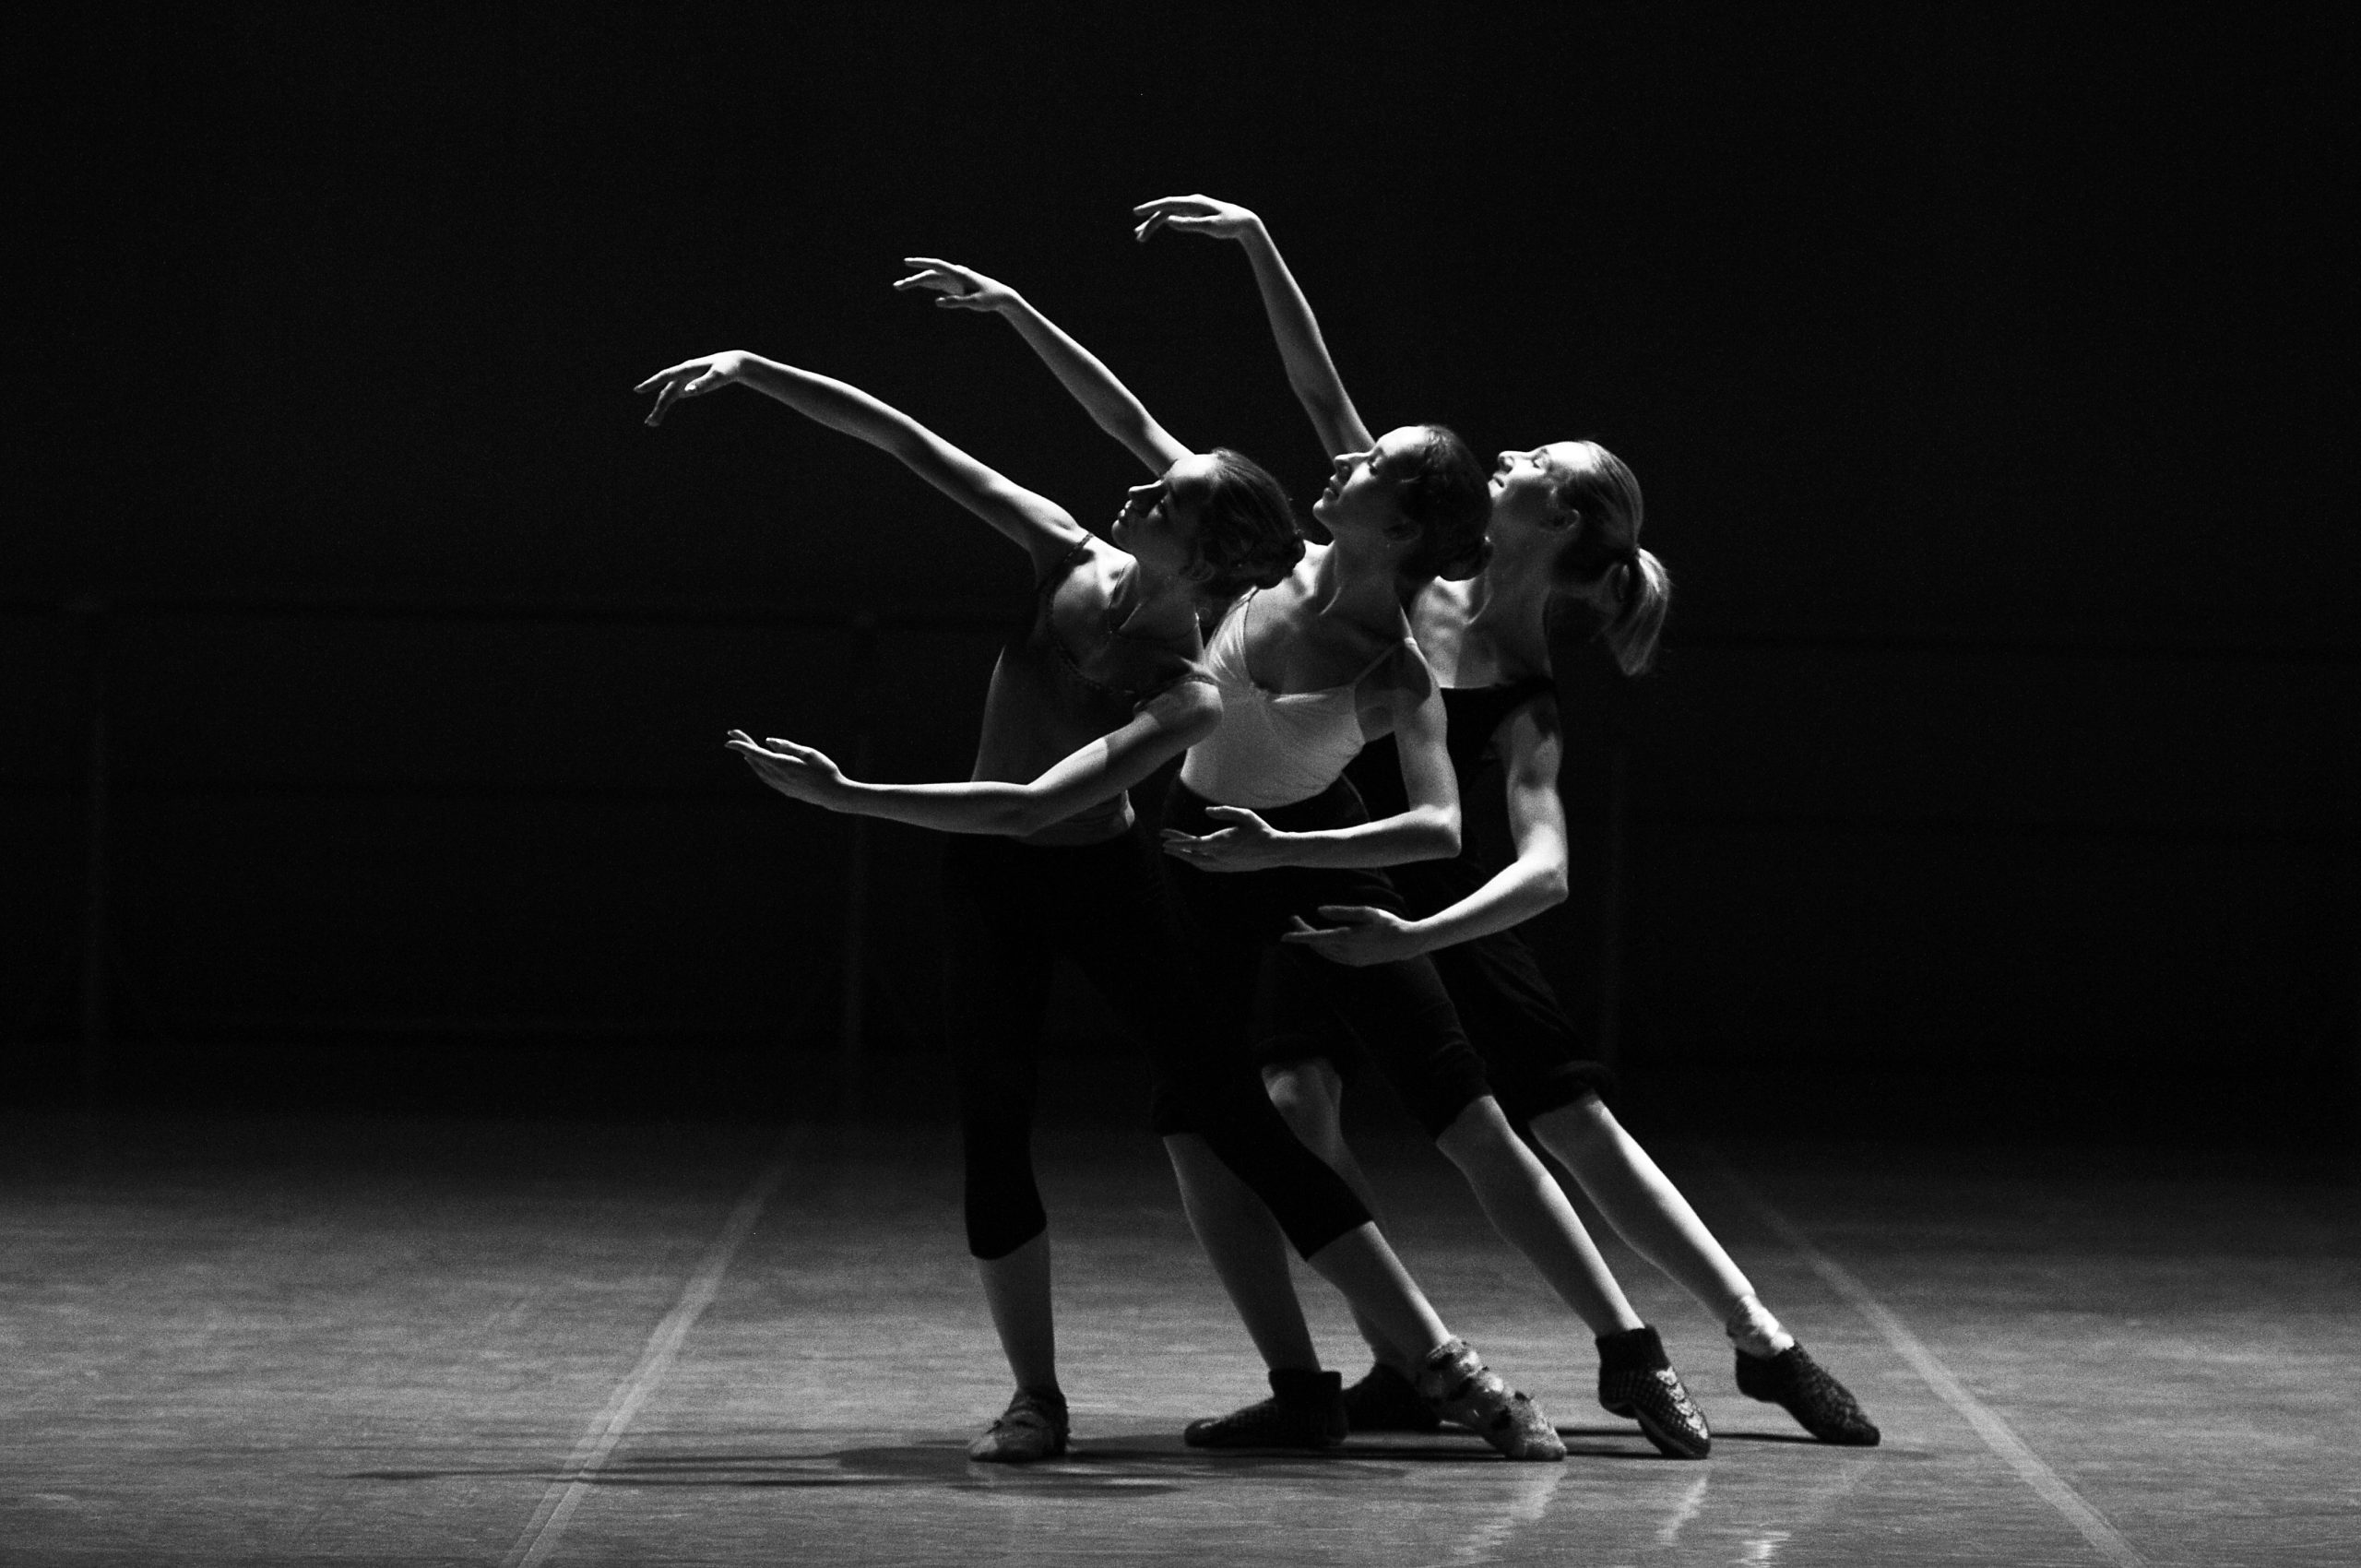 10 καλοί λόγοι για να ξεκινήσετε χορό